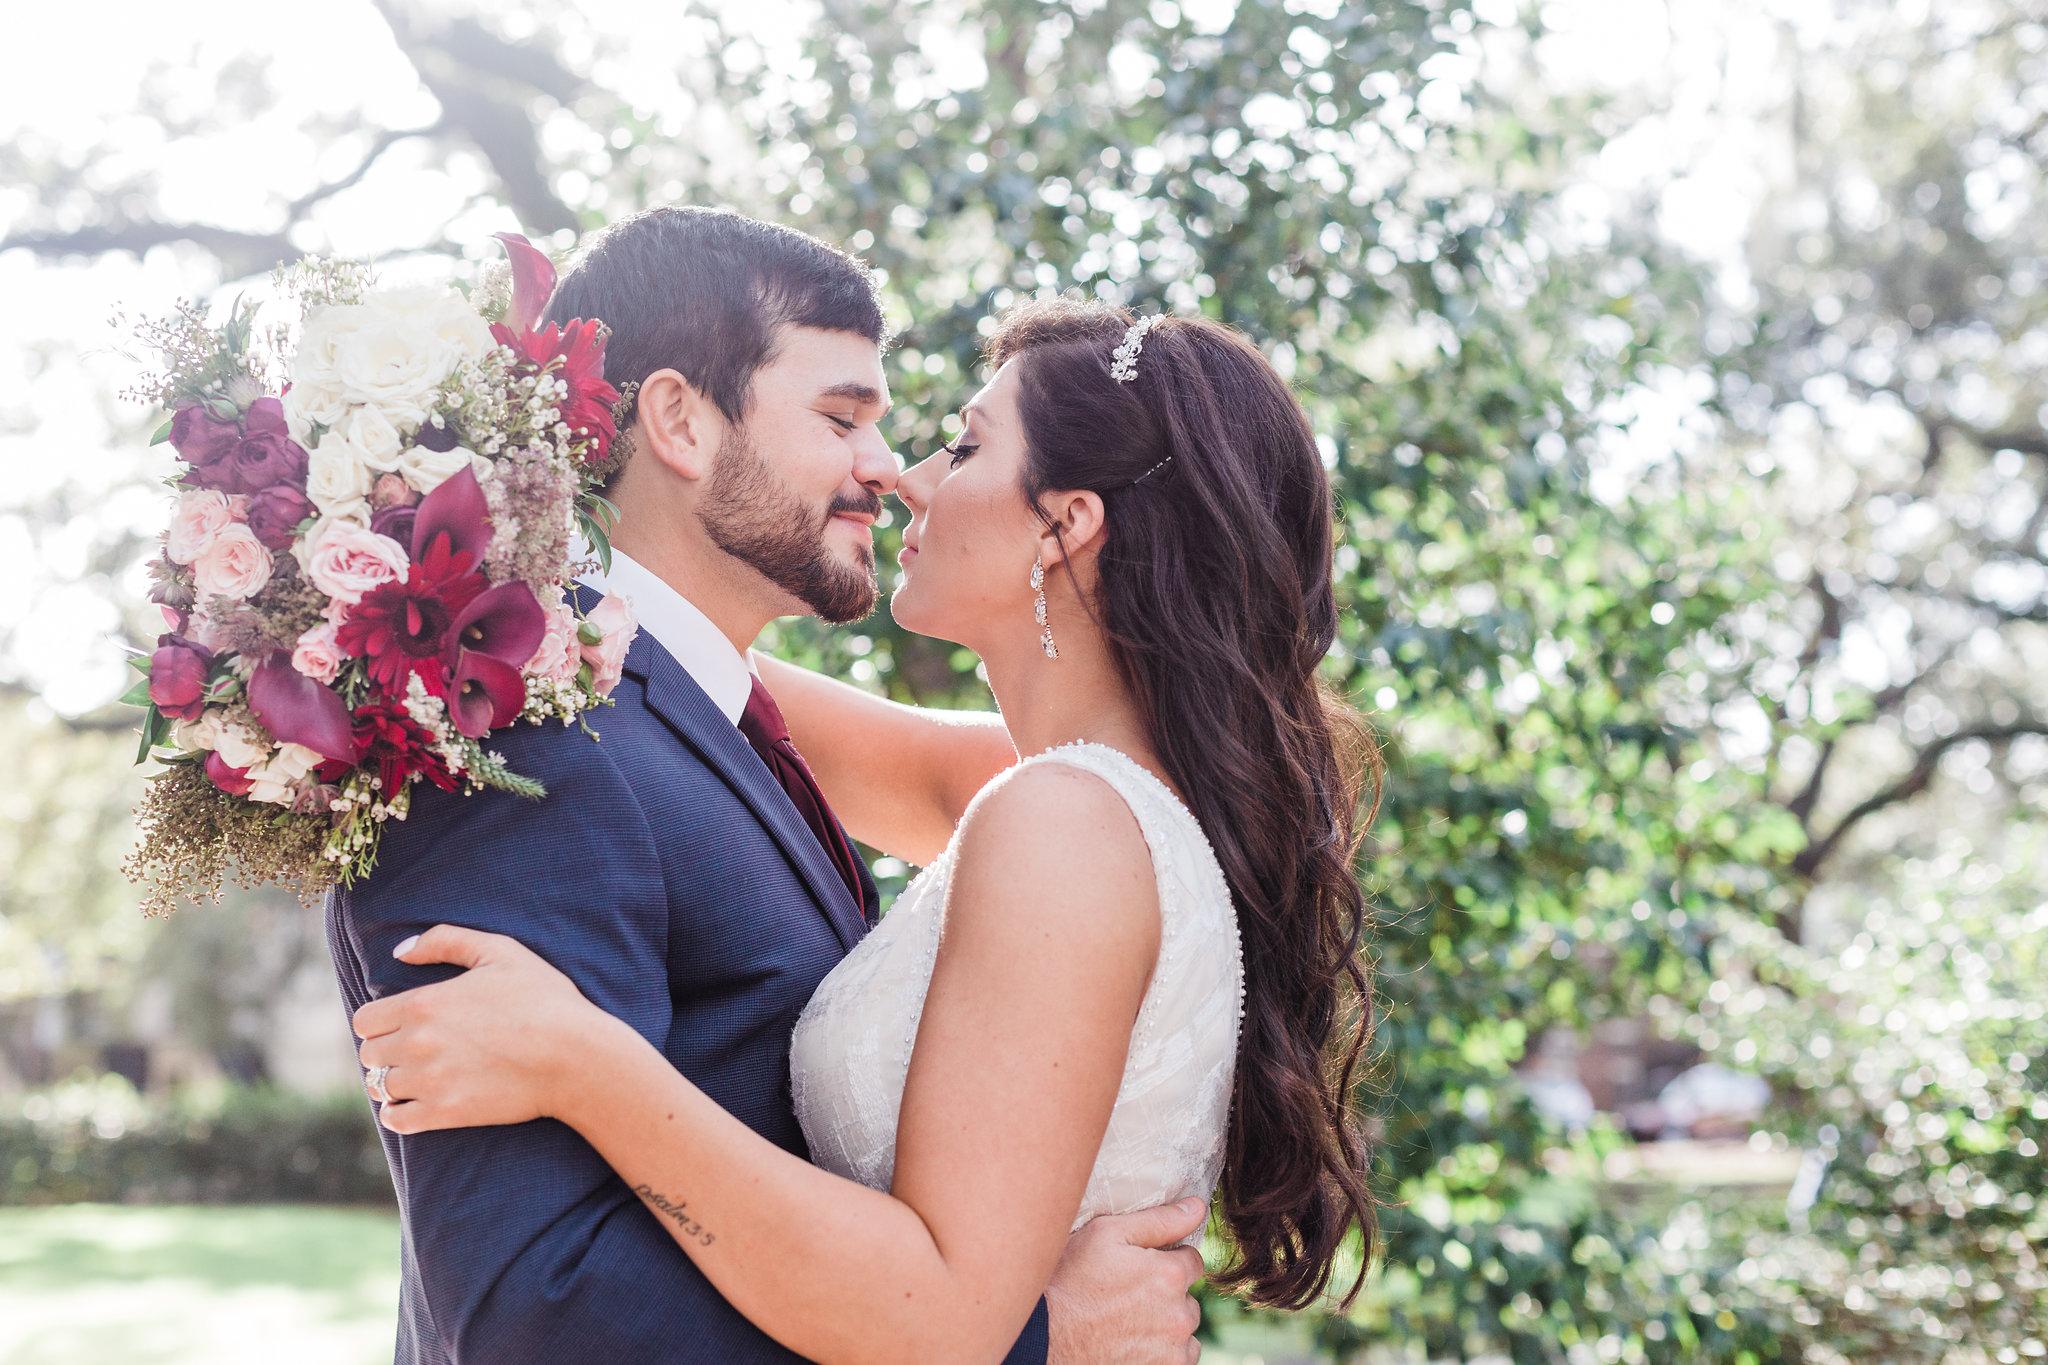 apt-b-photography-lindsey-shawn-Savannah-wedding-photographer-savannah-elopement-photographer-historic-savannah-elopement-savannah-weddings-hilton-head-wedding-photographer-jekyll-island-wedding-photographer-29.jpg